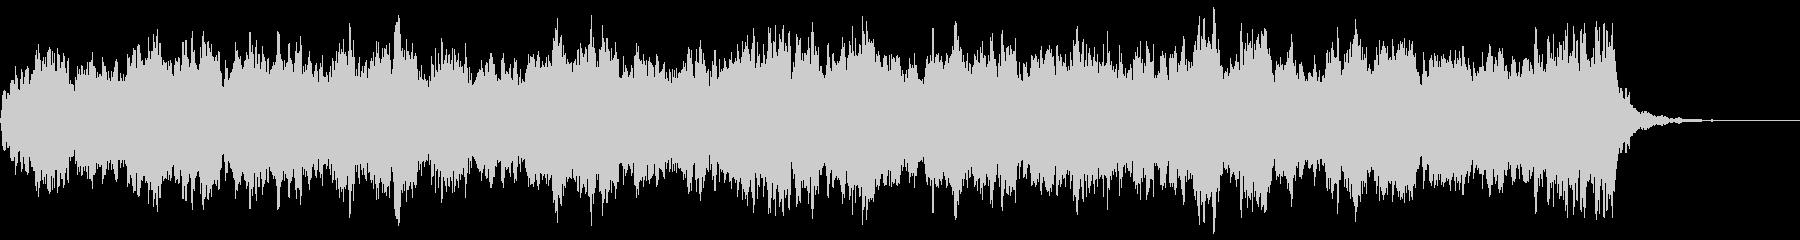 グリーンスリーブス ストリングスの未再生の波形